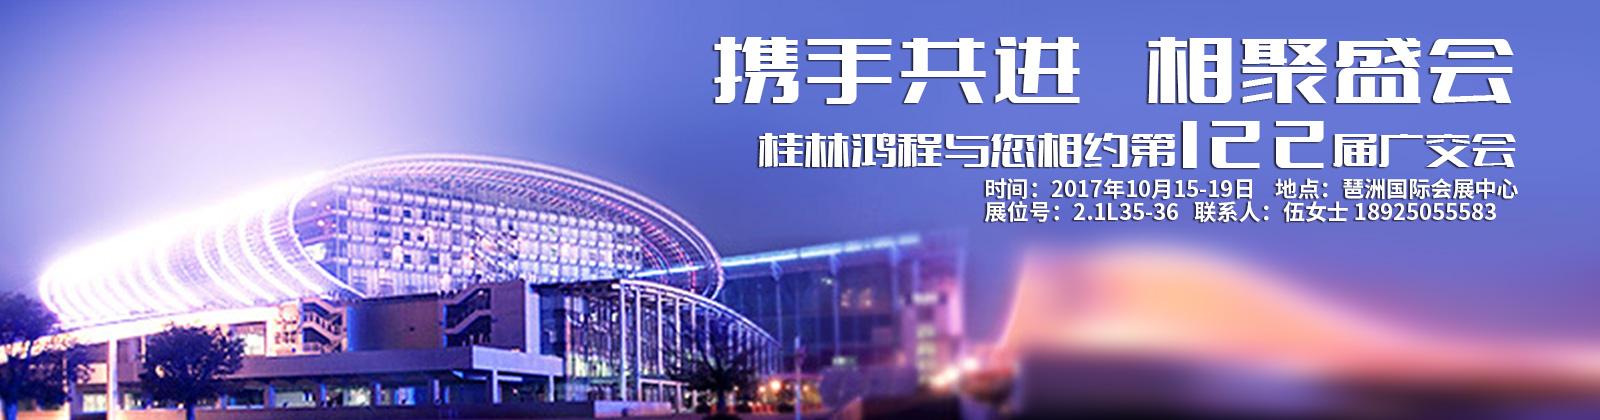 桂林鸿程磨粉机广交会